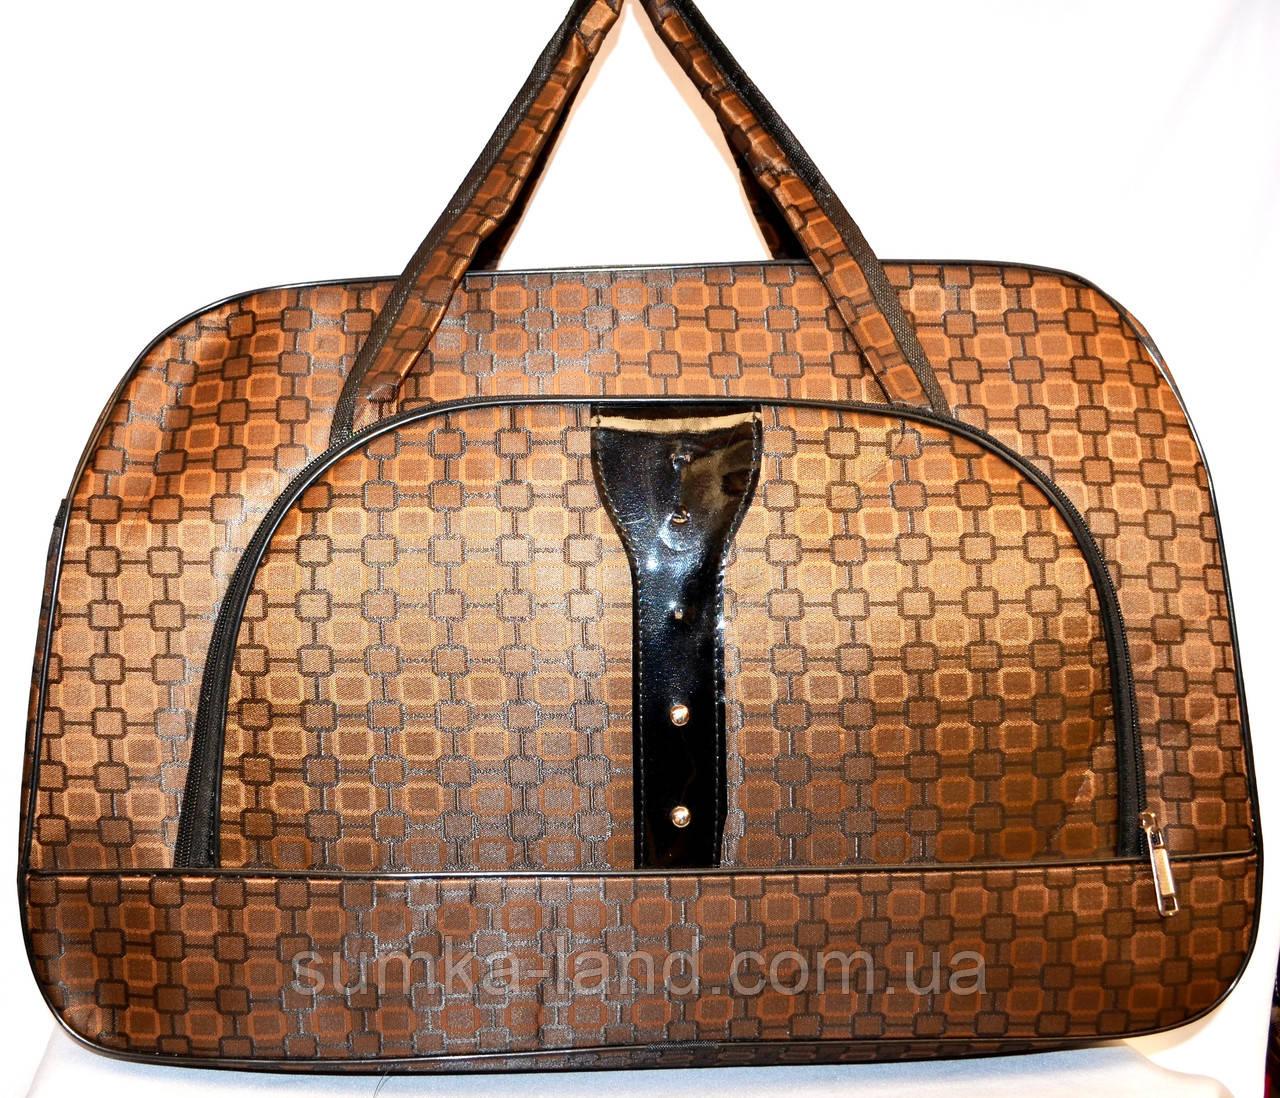 Женские дорожные сумки из текстиля 54х34 (КОРИЧНЕВЫЙ)